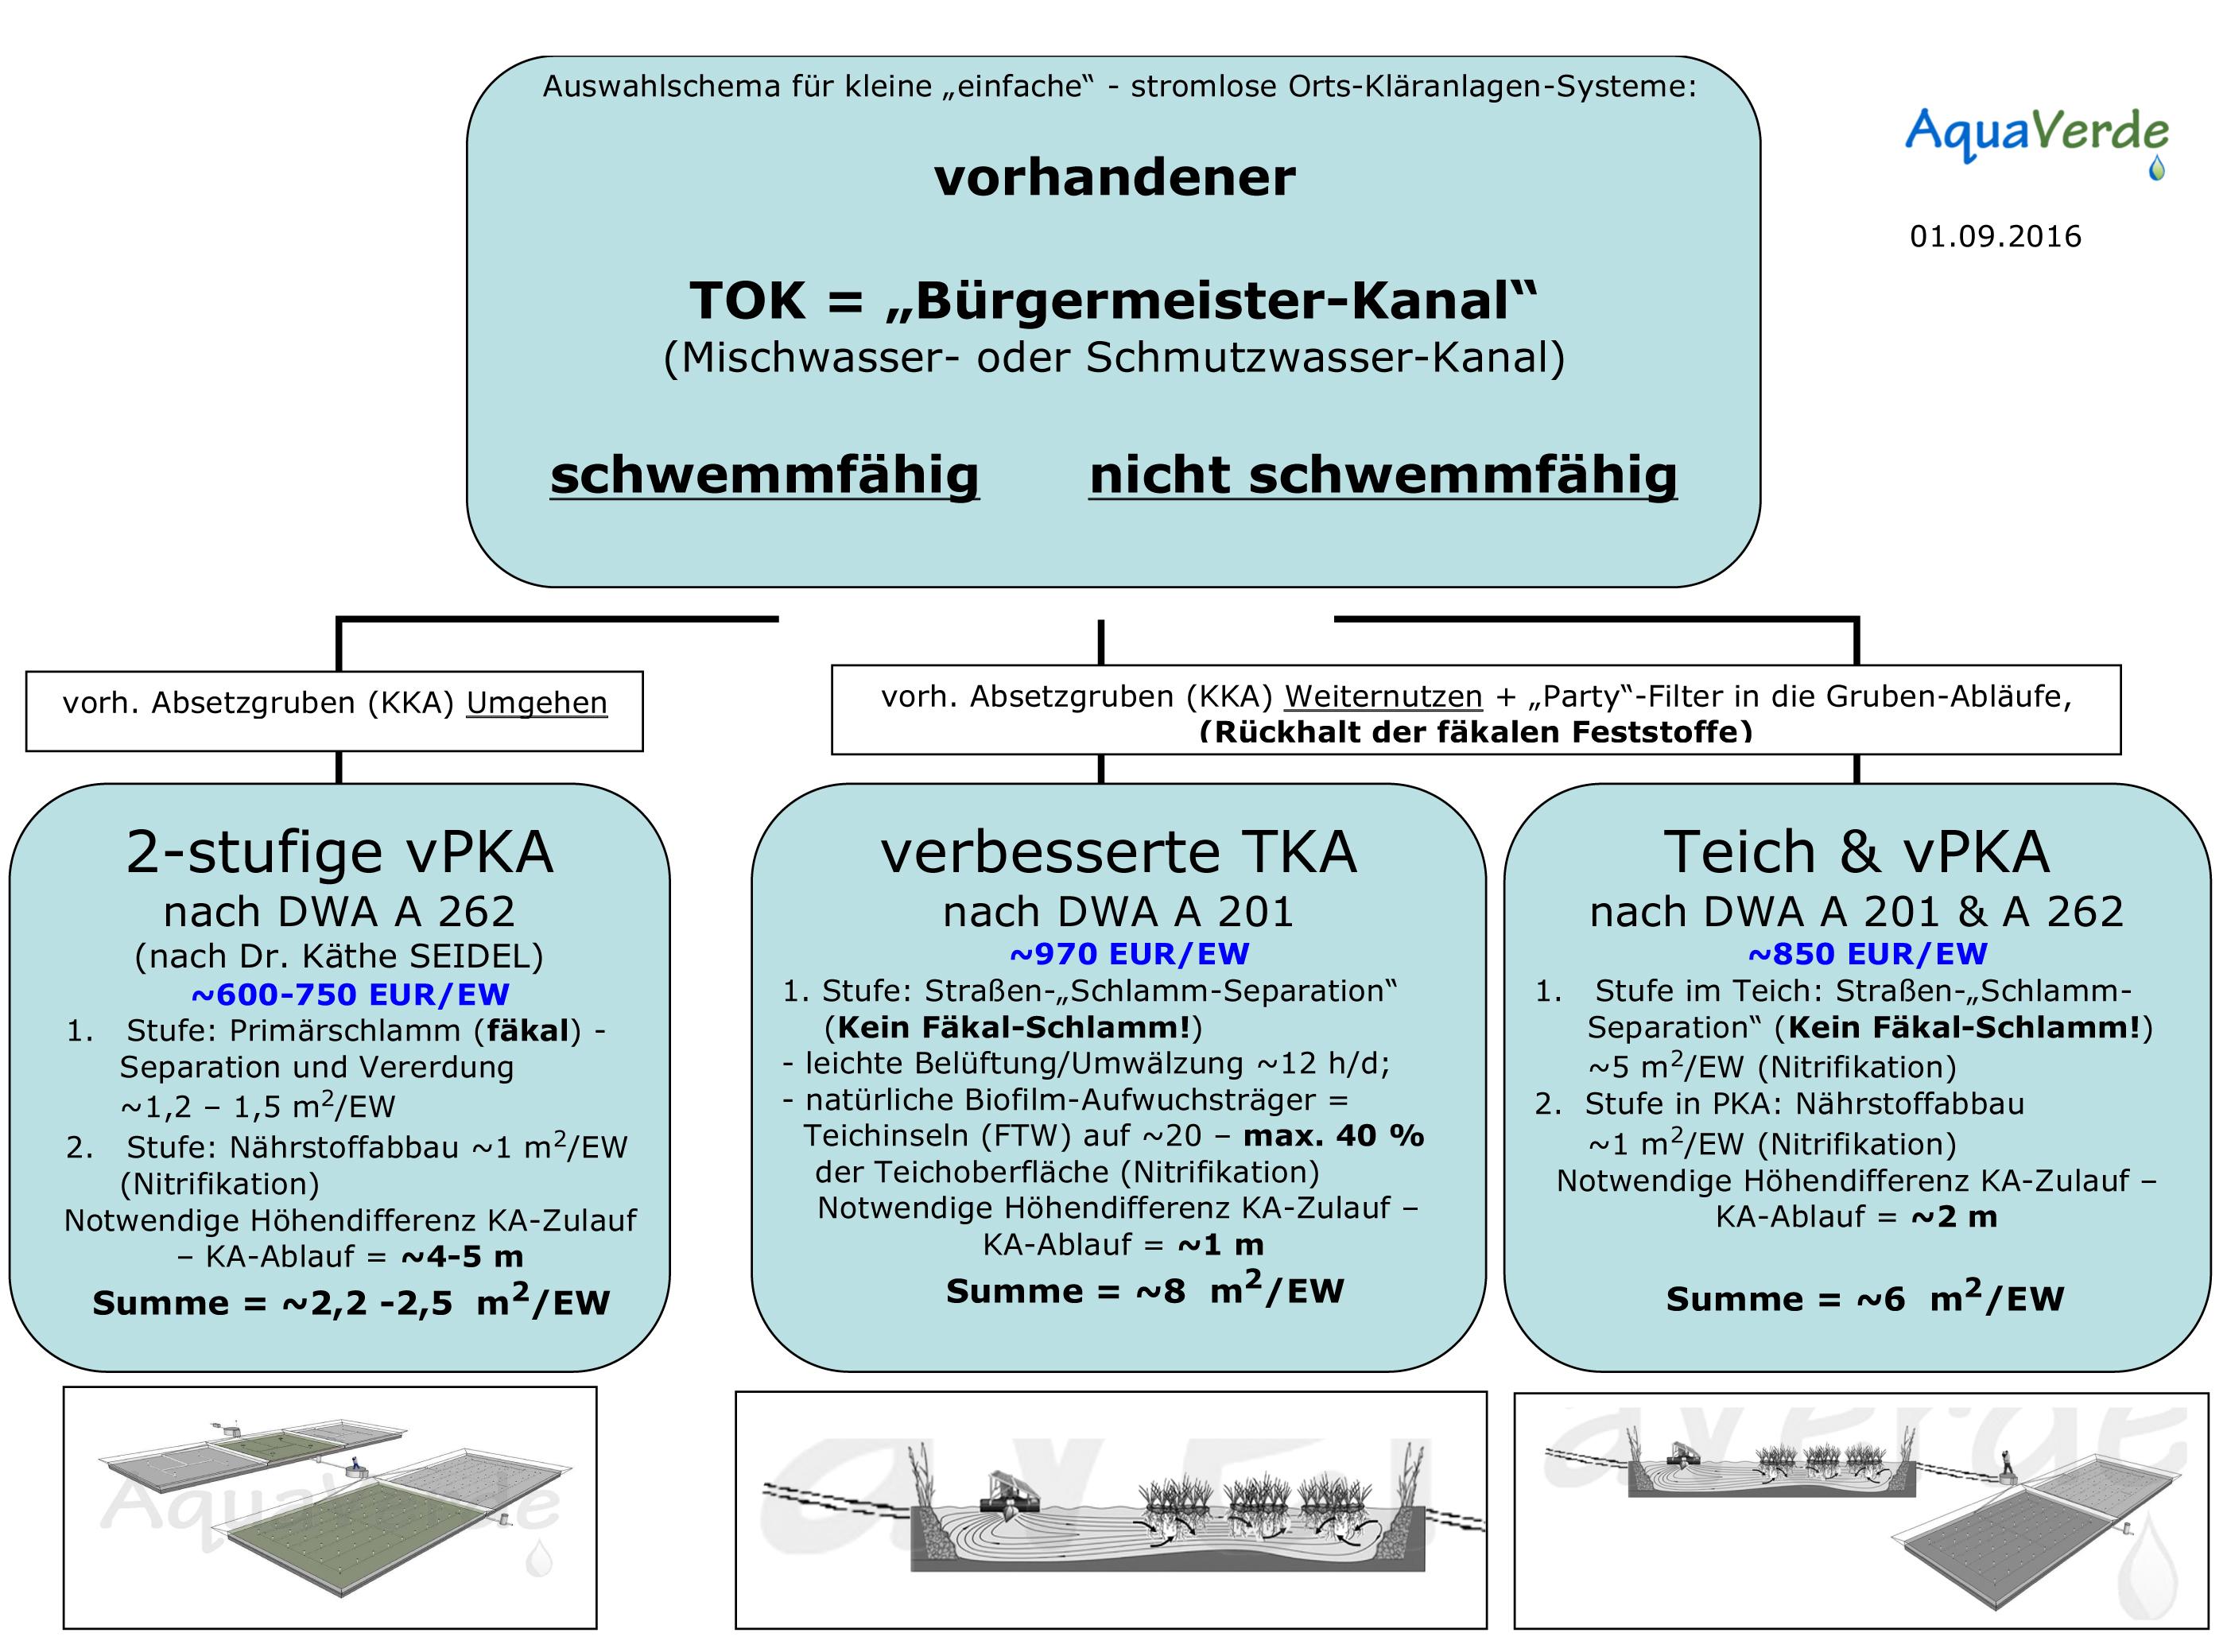 einfaches KA-Auswahlschema - www.Aqua-Verde.de